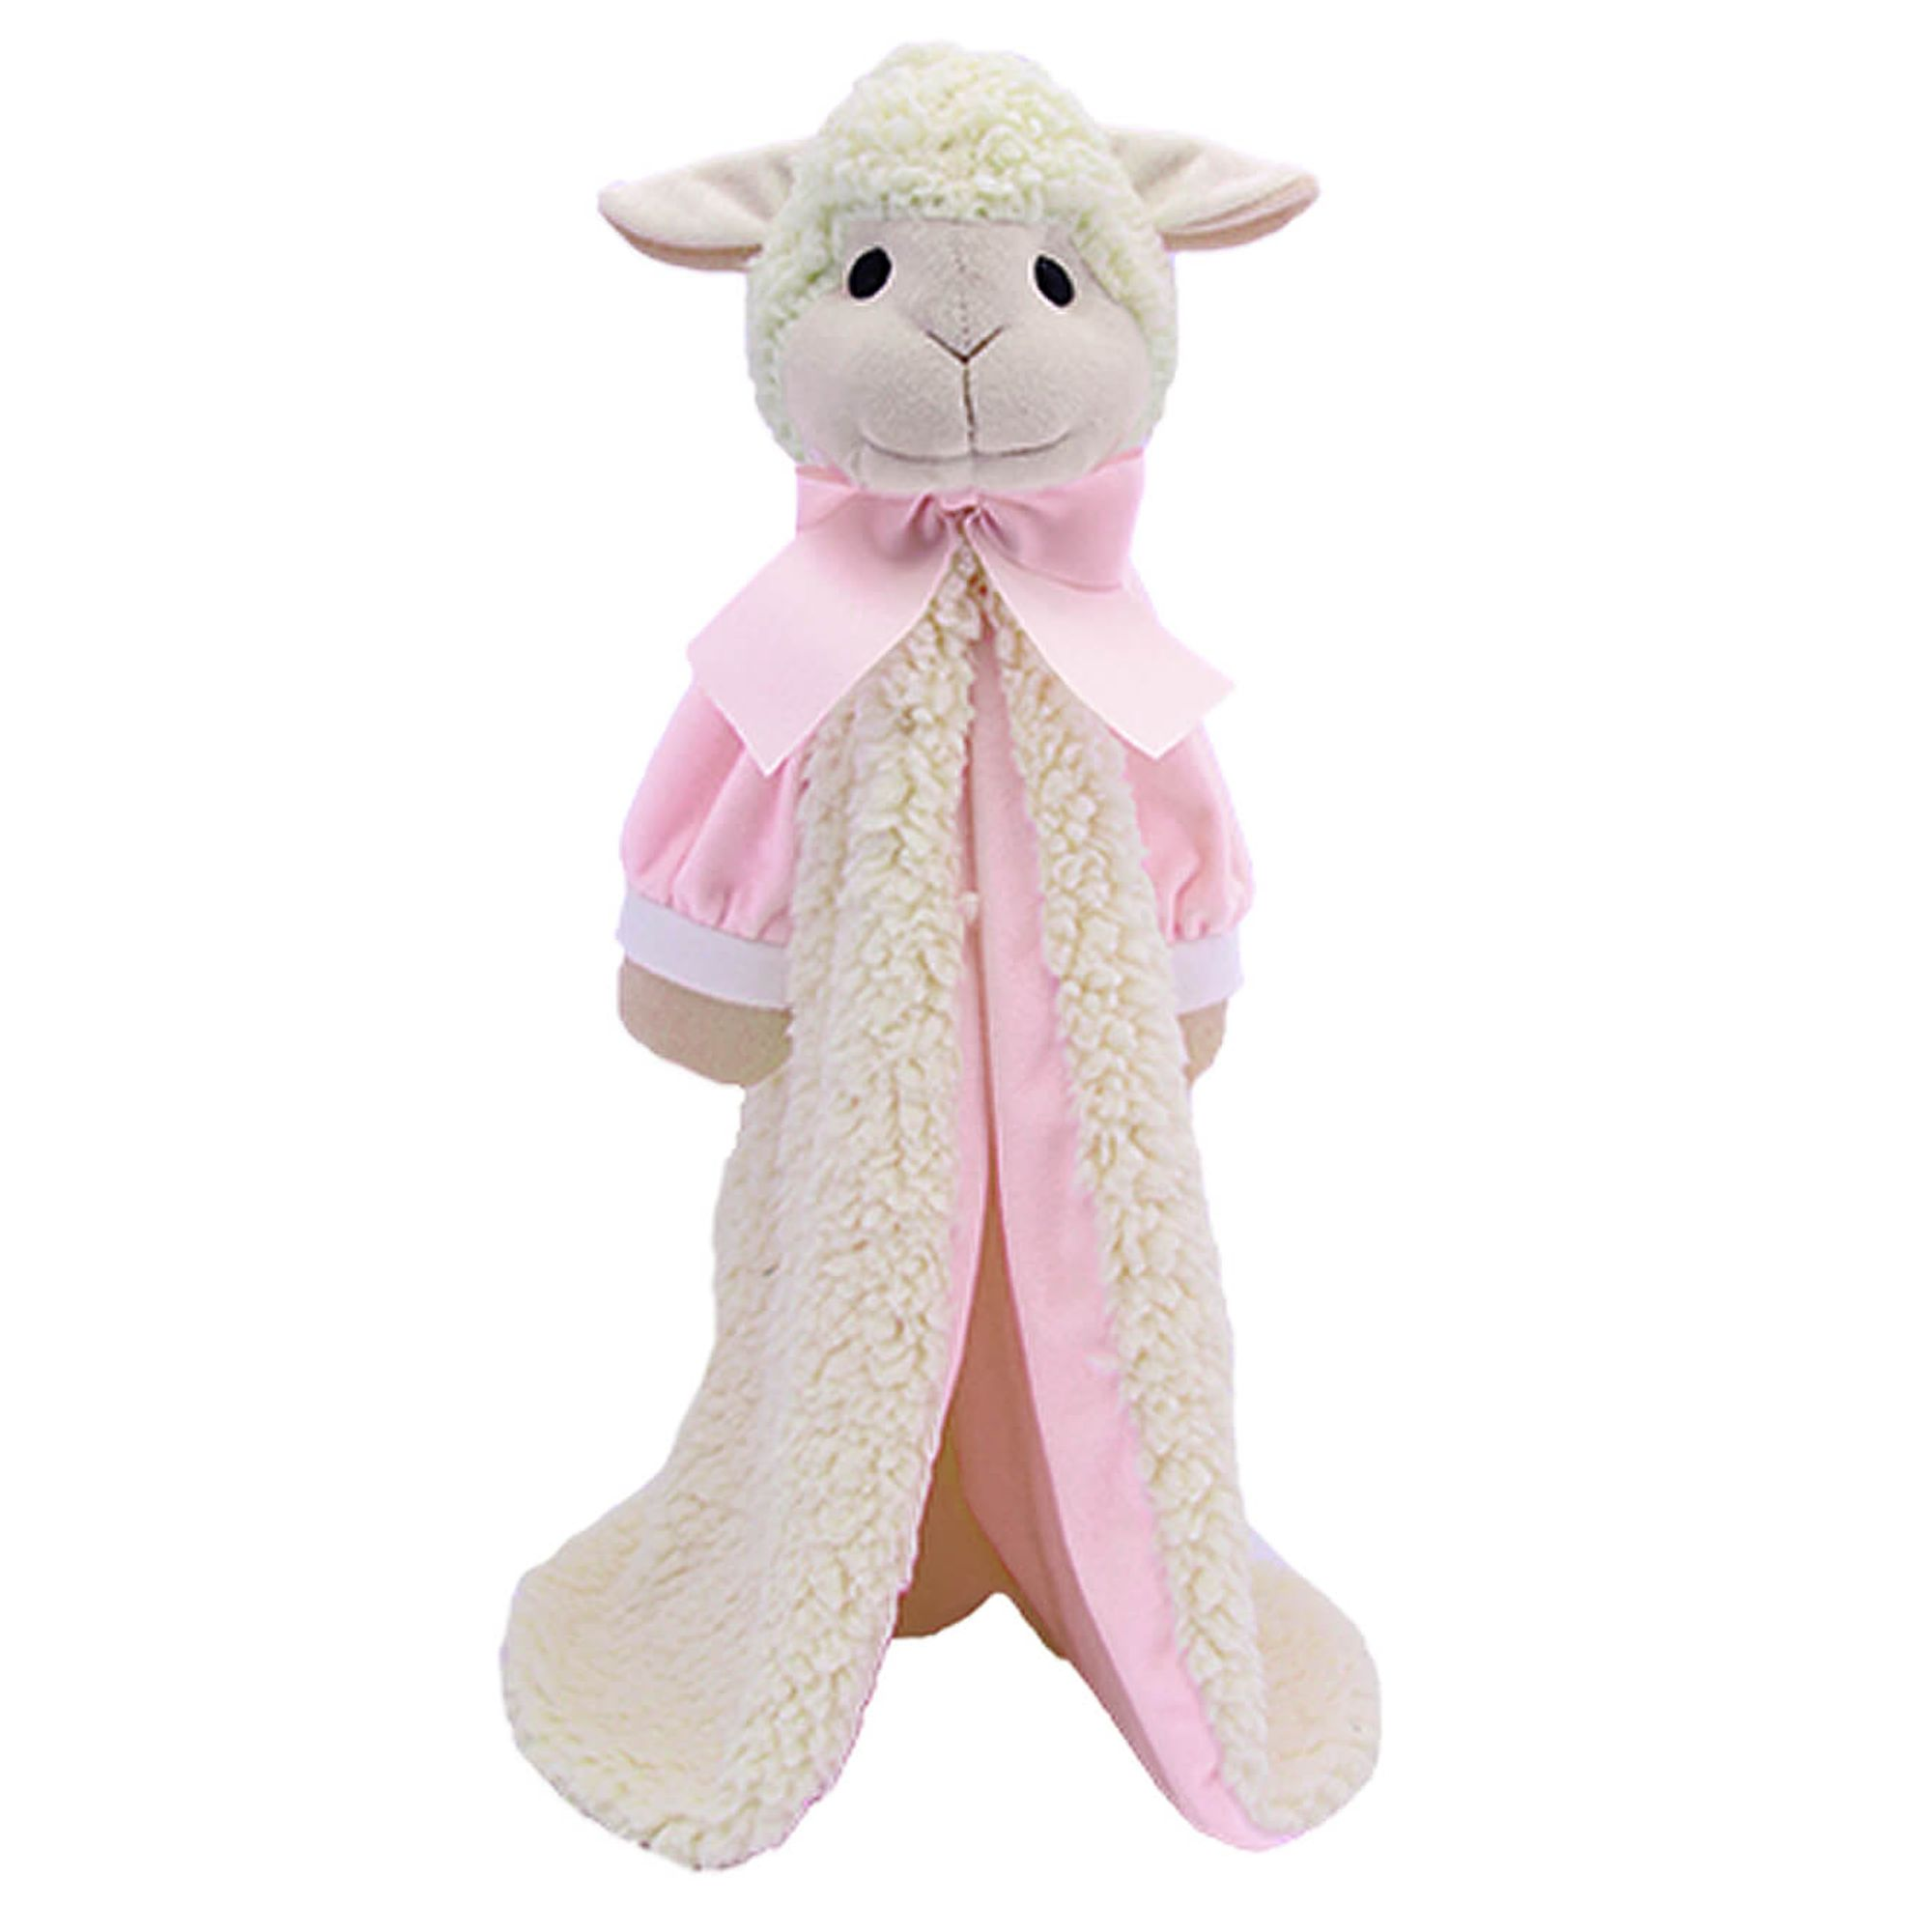 naninha-pelucia-ovelha-rosa-com-bracos-silvia-polito